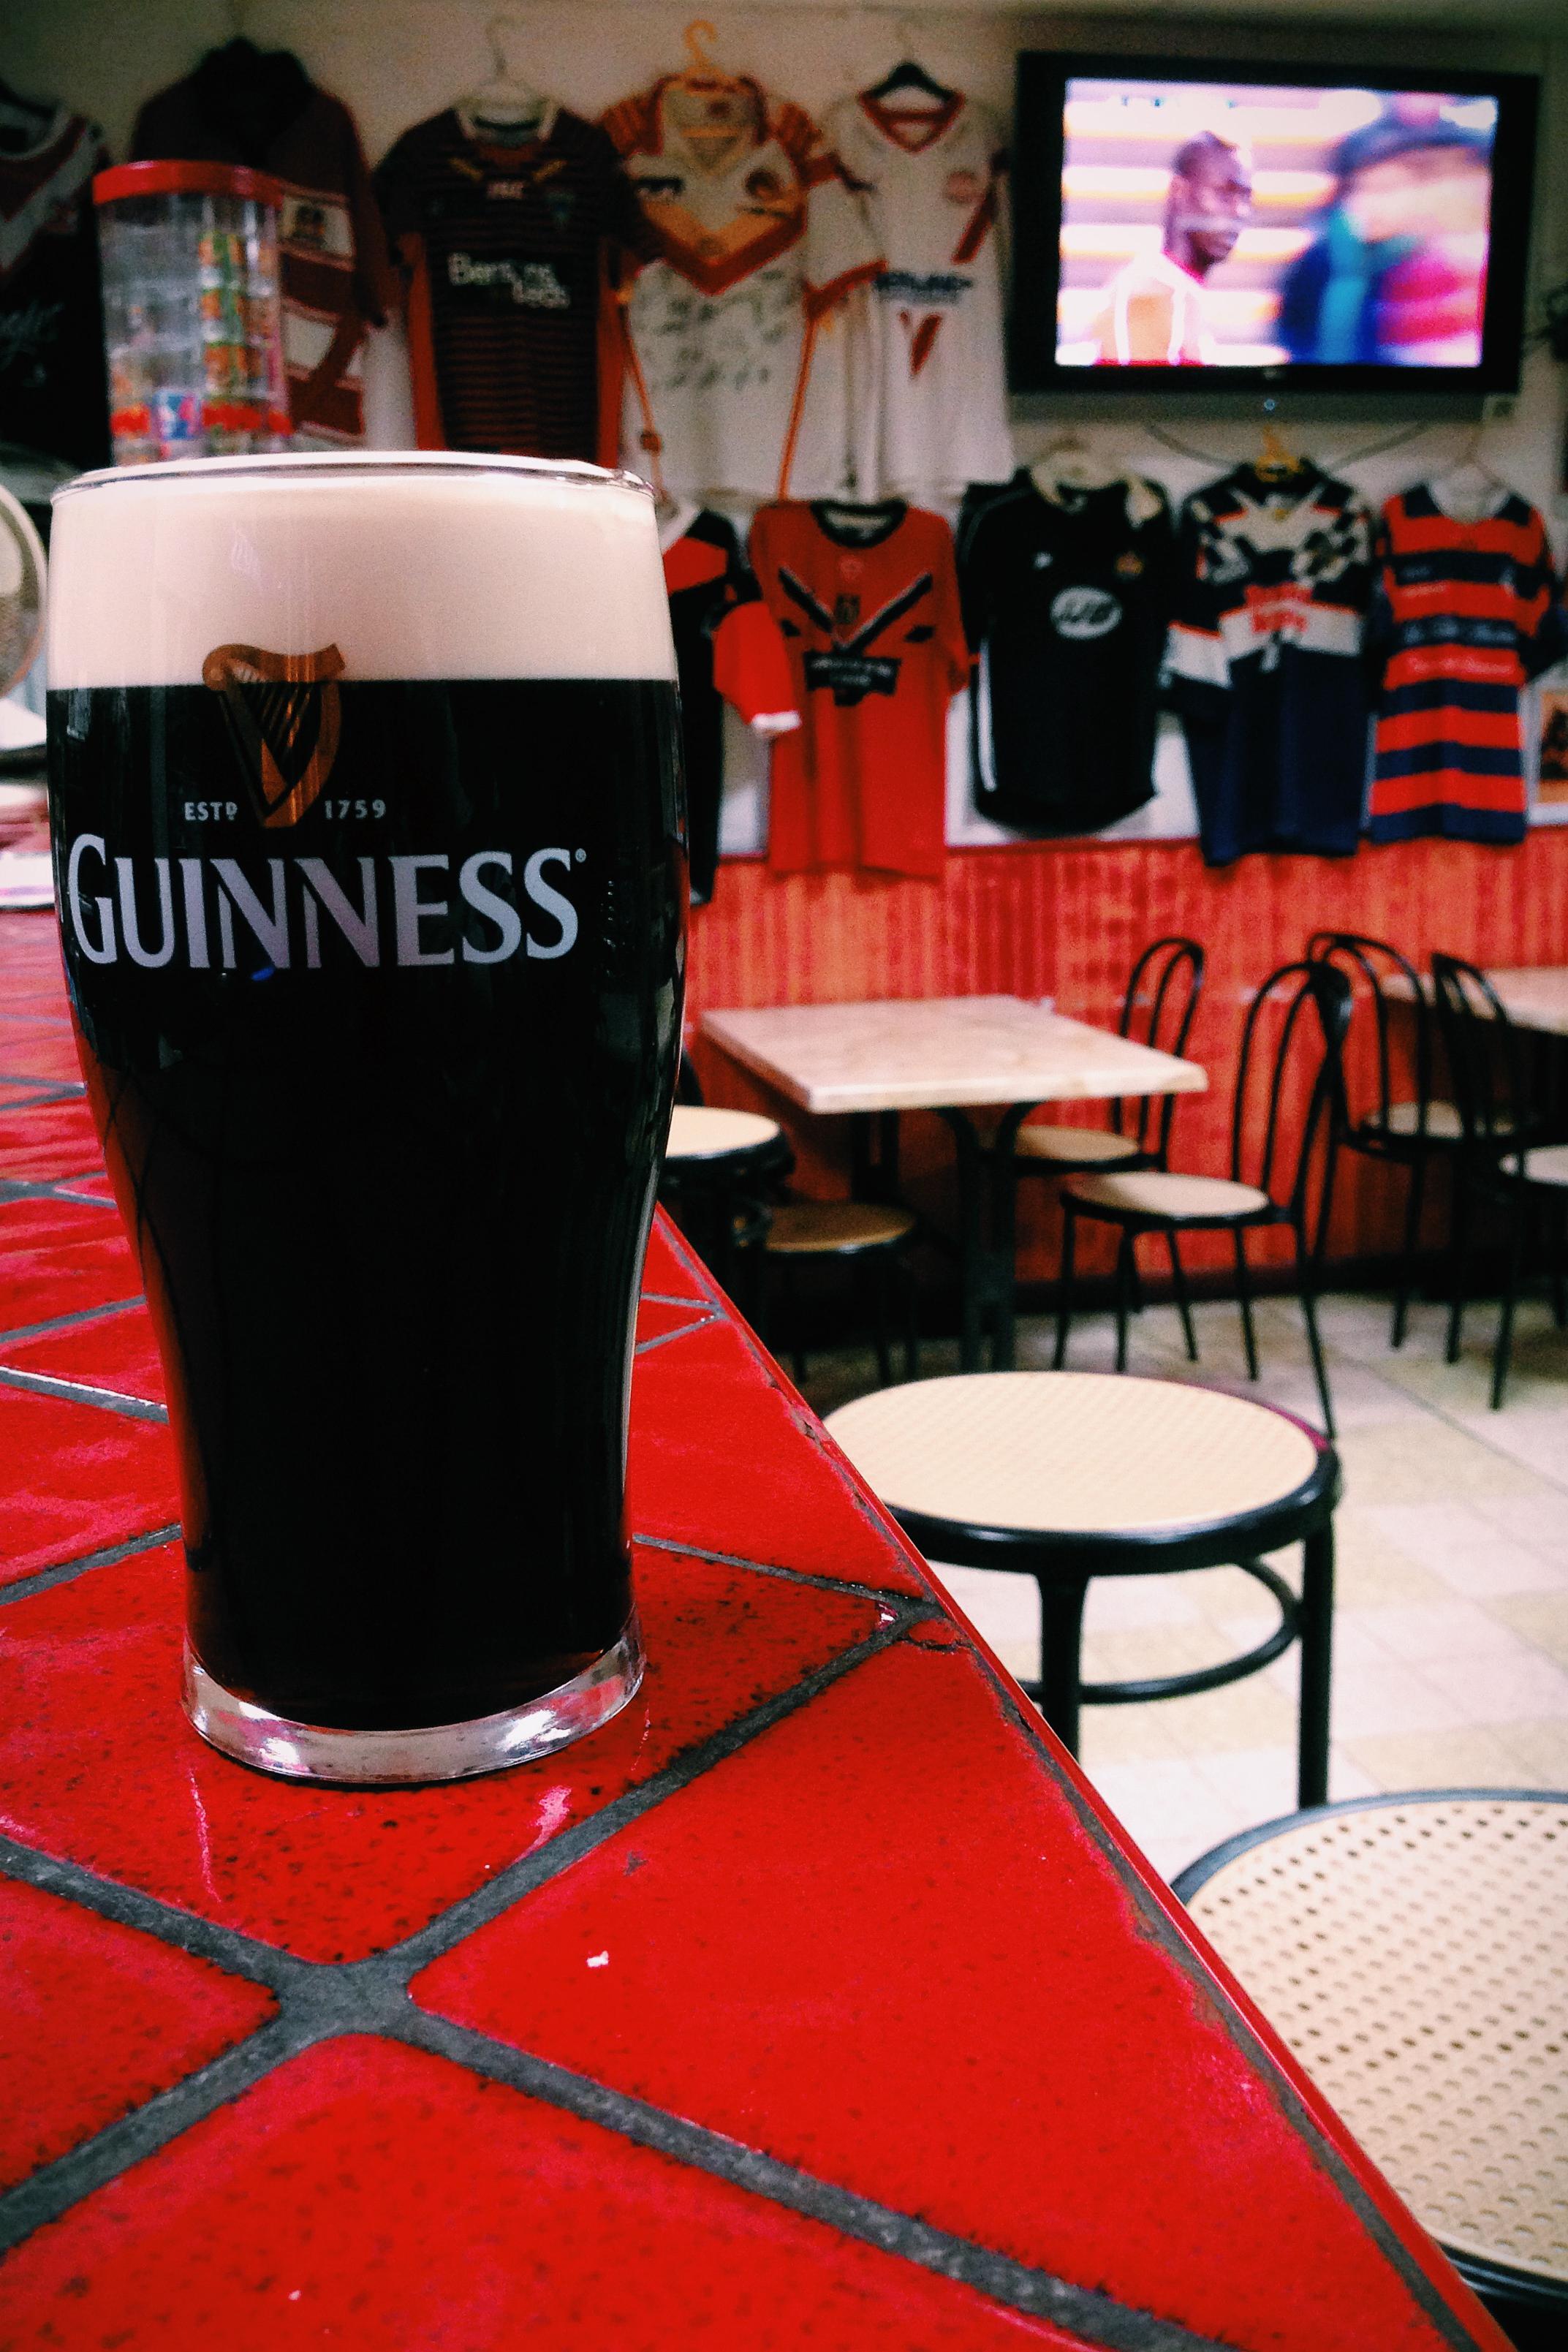 Guinness and Balotelli. Villeneuve-Minervois